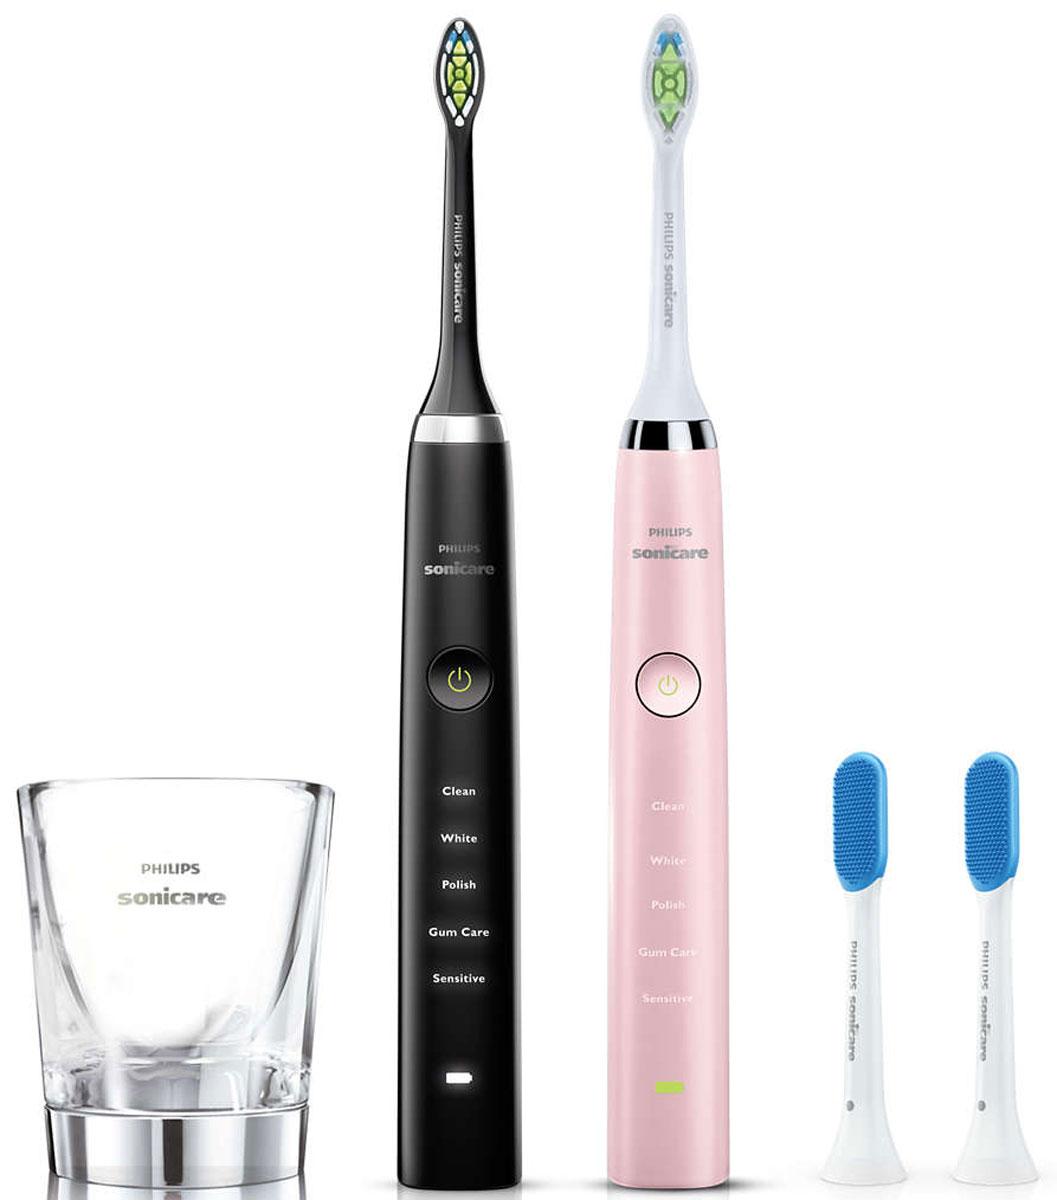 Philips HX9368/35, Black Pink набор электрических зубных щеток, 2 штHX9368/35Подарочный набор из двух электрических зубных щеток Philips Sonicare DiamondClean Для него и для неё. Элегантное сочетание черного и розового цвета в одном наборе. Удаляет в 7 раз больше налета в труднодоступных местах по сравнению с обычной ручной зубной щеткойЭлектрическая зубная щетка Philips Sonicare эффективно удаляет налет из межзубных промежутков и вдоль линии десен, благодаря этому улучшая здоровье десен всего после двух недель регулярного применения.Philips Sonicare возвращает зубам естественную белизну в 2 раза эффективнее по сравнению с обычной зубной щеткой. Превосходный результат уже после 1 недели использования. Удаляет на 100 % больше потемнений с зубной эмали и осветляет ваши зубы всего за одну неделю.DiamondClean — это лучшая чистящая насадка Philips Sonicare для отбеливания зубов. Кончики щетинок средней жесткости имеют форму ромба и бережно и эффективно удаляют налет. Электрическая зубная щетка Philips Sonicare обеспечивает тщательную чистку и более эффективное осветление зубов по сравнению с ручной зубной щеткой.Стакан с зарядной базой: просто поместите зубную щетку в стакан для зарядки. Стакан также можно использовать для ополаскивания полости рта после чистки зубов.Щетка для языка TongueCare+ с 240 резиновыми микрощетинками специально разработана для очистки мягкой и пористой поверхности языка. Гибкие микрощетинки повторяют форму языка и мягко очищают все неровности, предотвращая скопление бактерий, что позволяет антибактериальному спрею BreathRx действовать более эффективно. Компактный размер щетки гарантирует комфортную чистку всей поверхности языка.Лучшая модель щетки с функцией Отбеливание в линейке Philips Sonicare: помогает эффективно удалить налет и поверхностные потемнения, чтобы ваша улыбка всегда оставалась сияющей.Благодаря уникальной технологии чистки электрическая зубная щетка Philips Sonicare мягко и эффективно очищает межзубные промежутки и участки вдоль